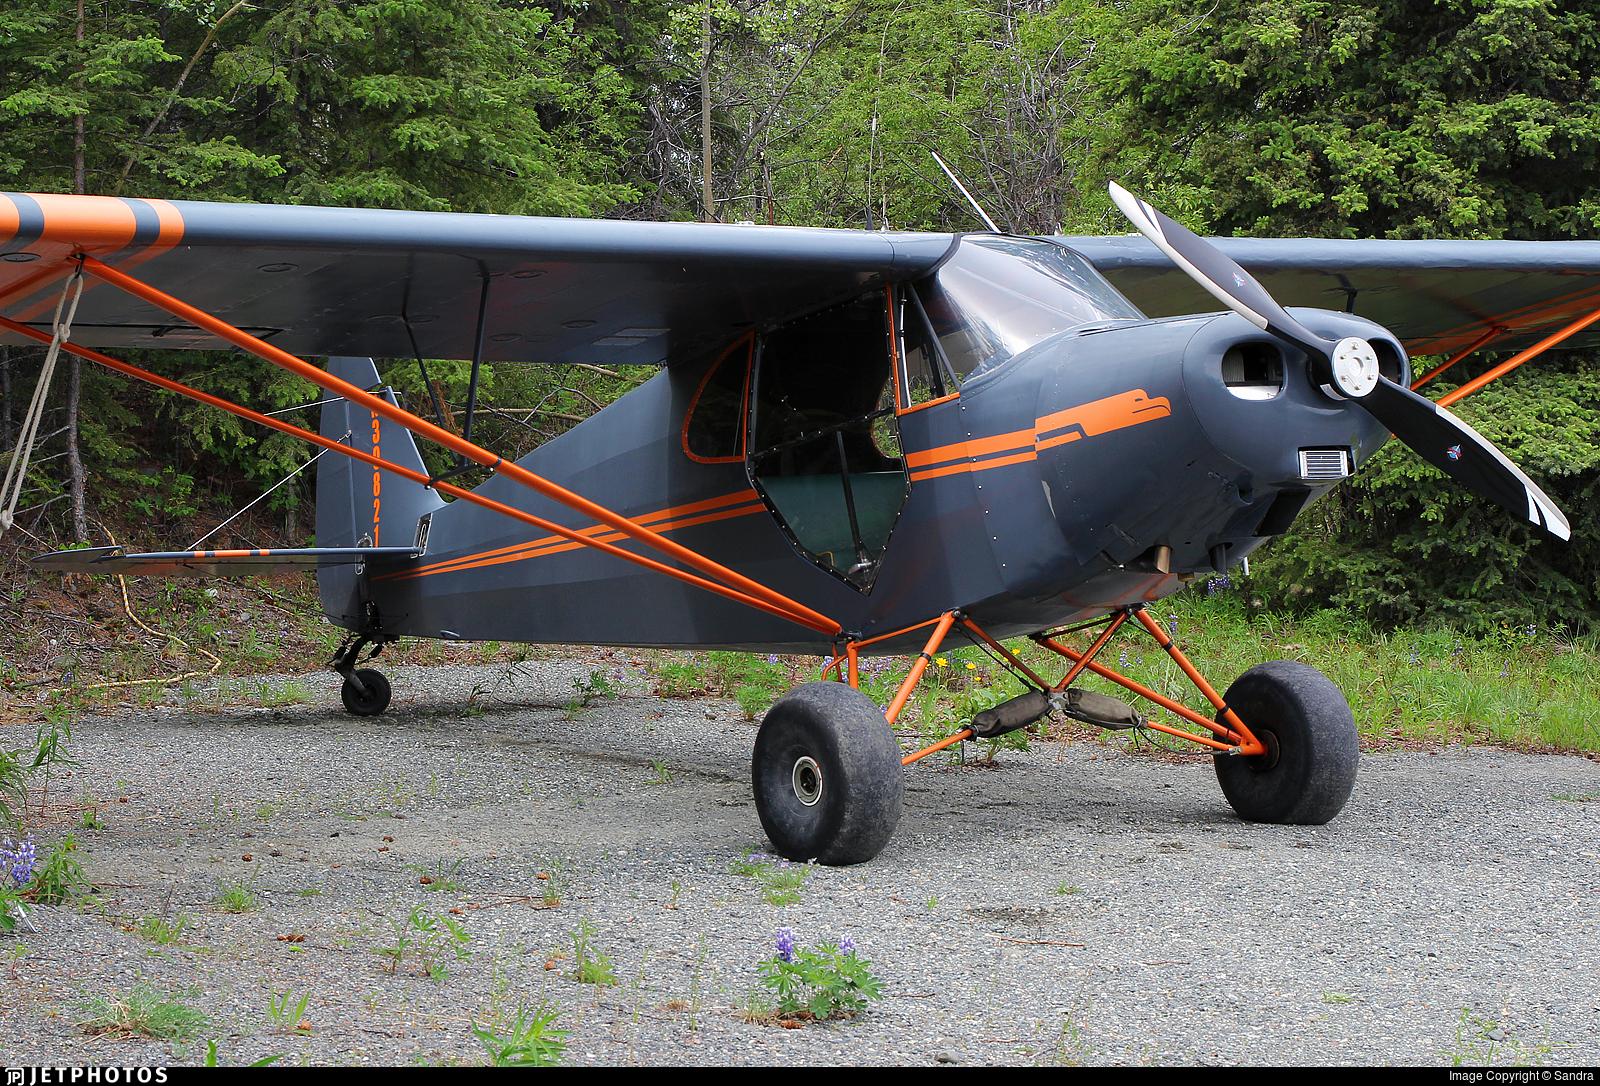 N30821 - Piper J-5A Cub Cruiser - Private